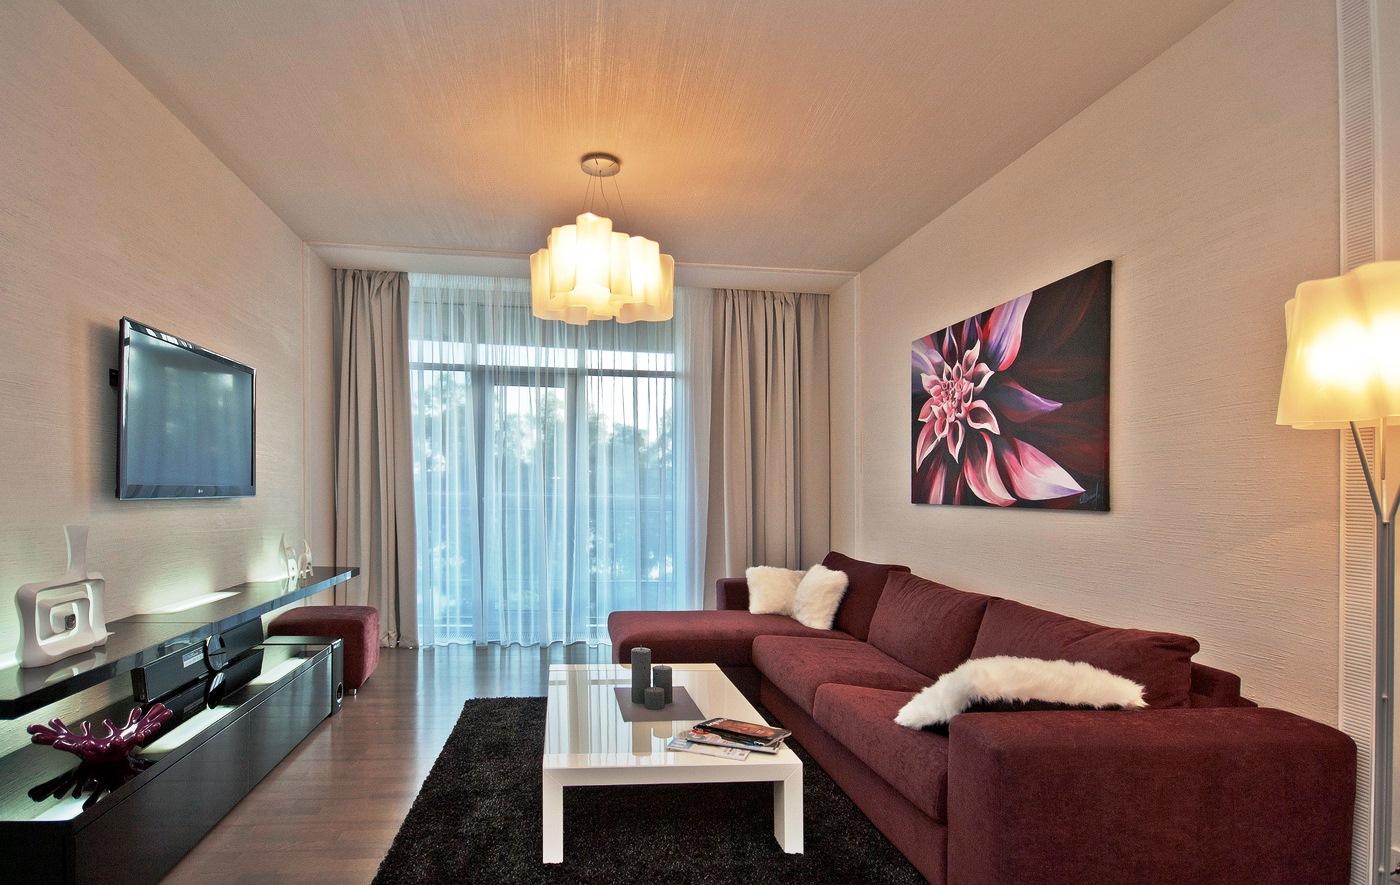 угловой диван в узкой комнате фото отличаются